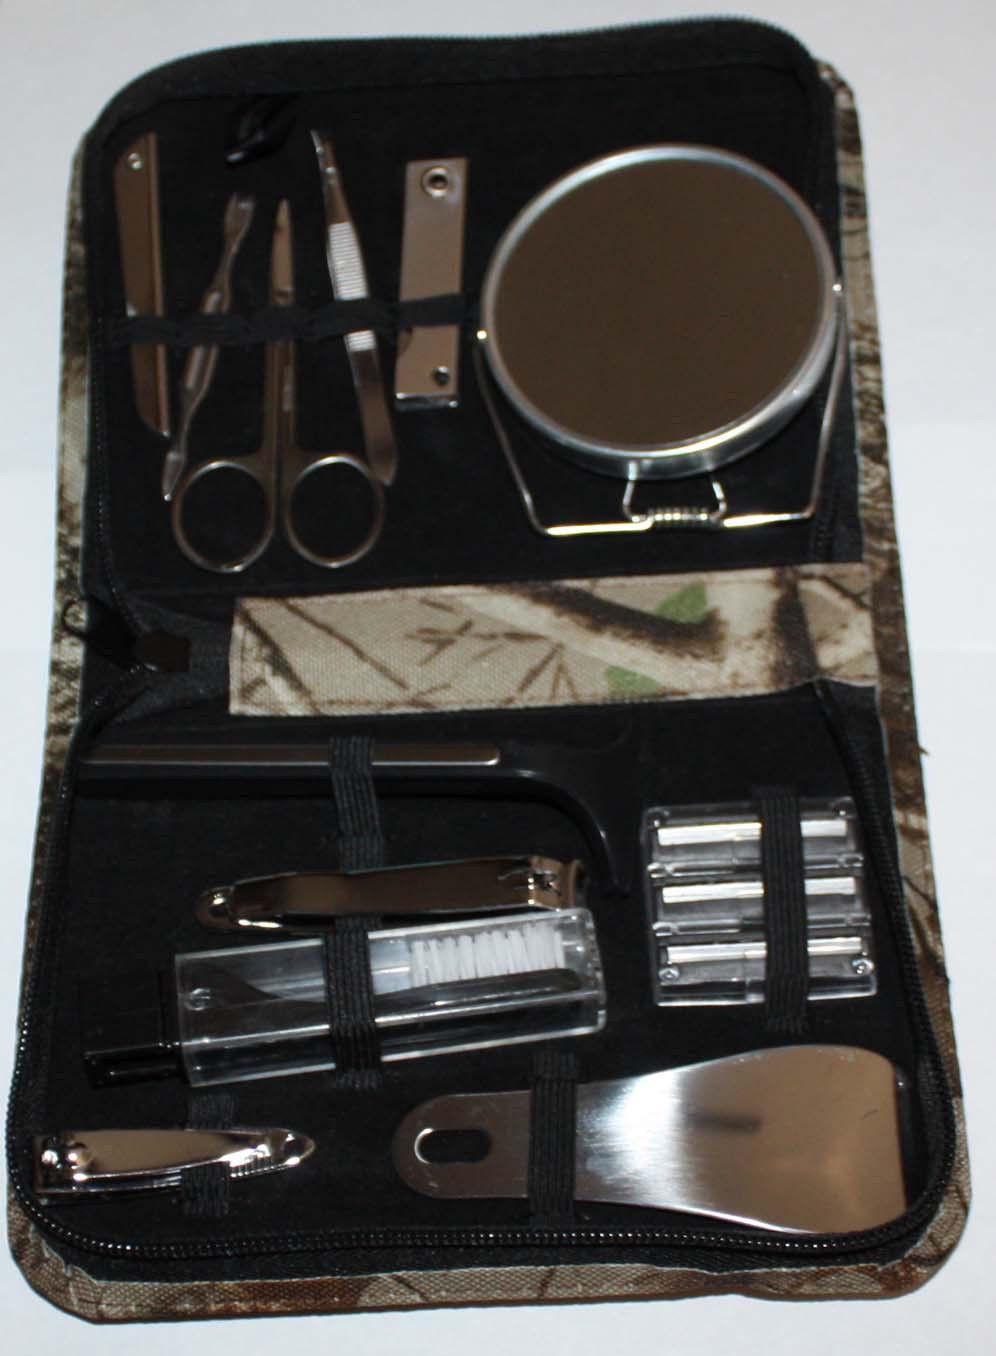 Bill Jordan Realtree Hardwoods Deluxe Camo Manicure Set